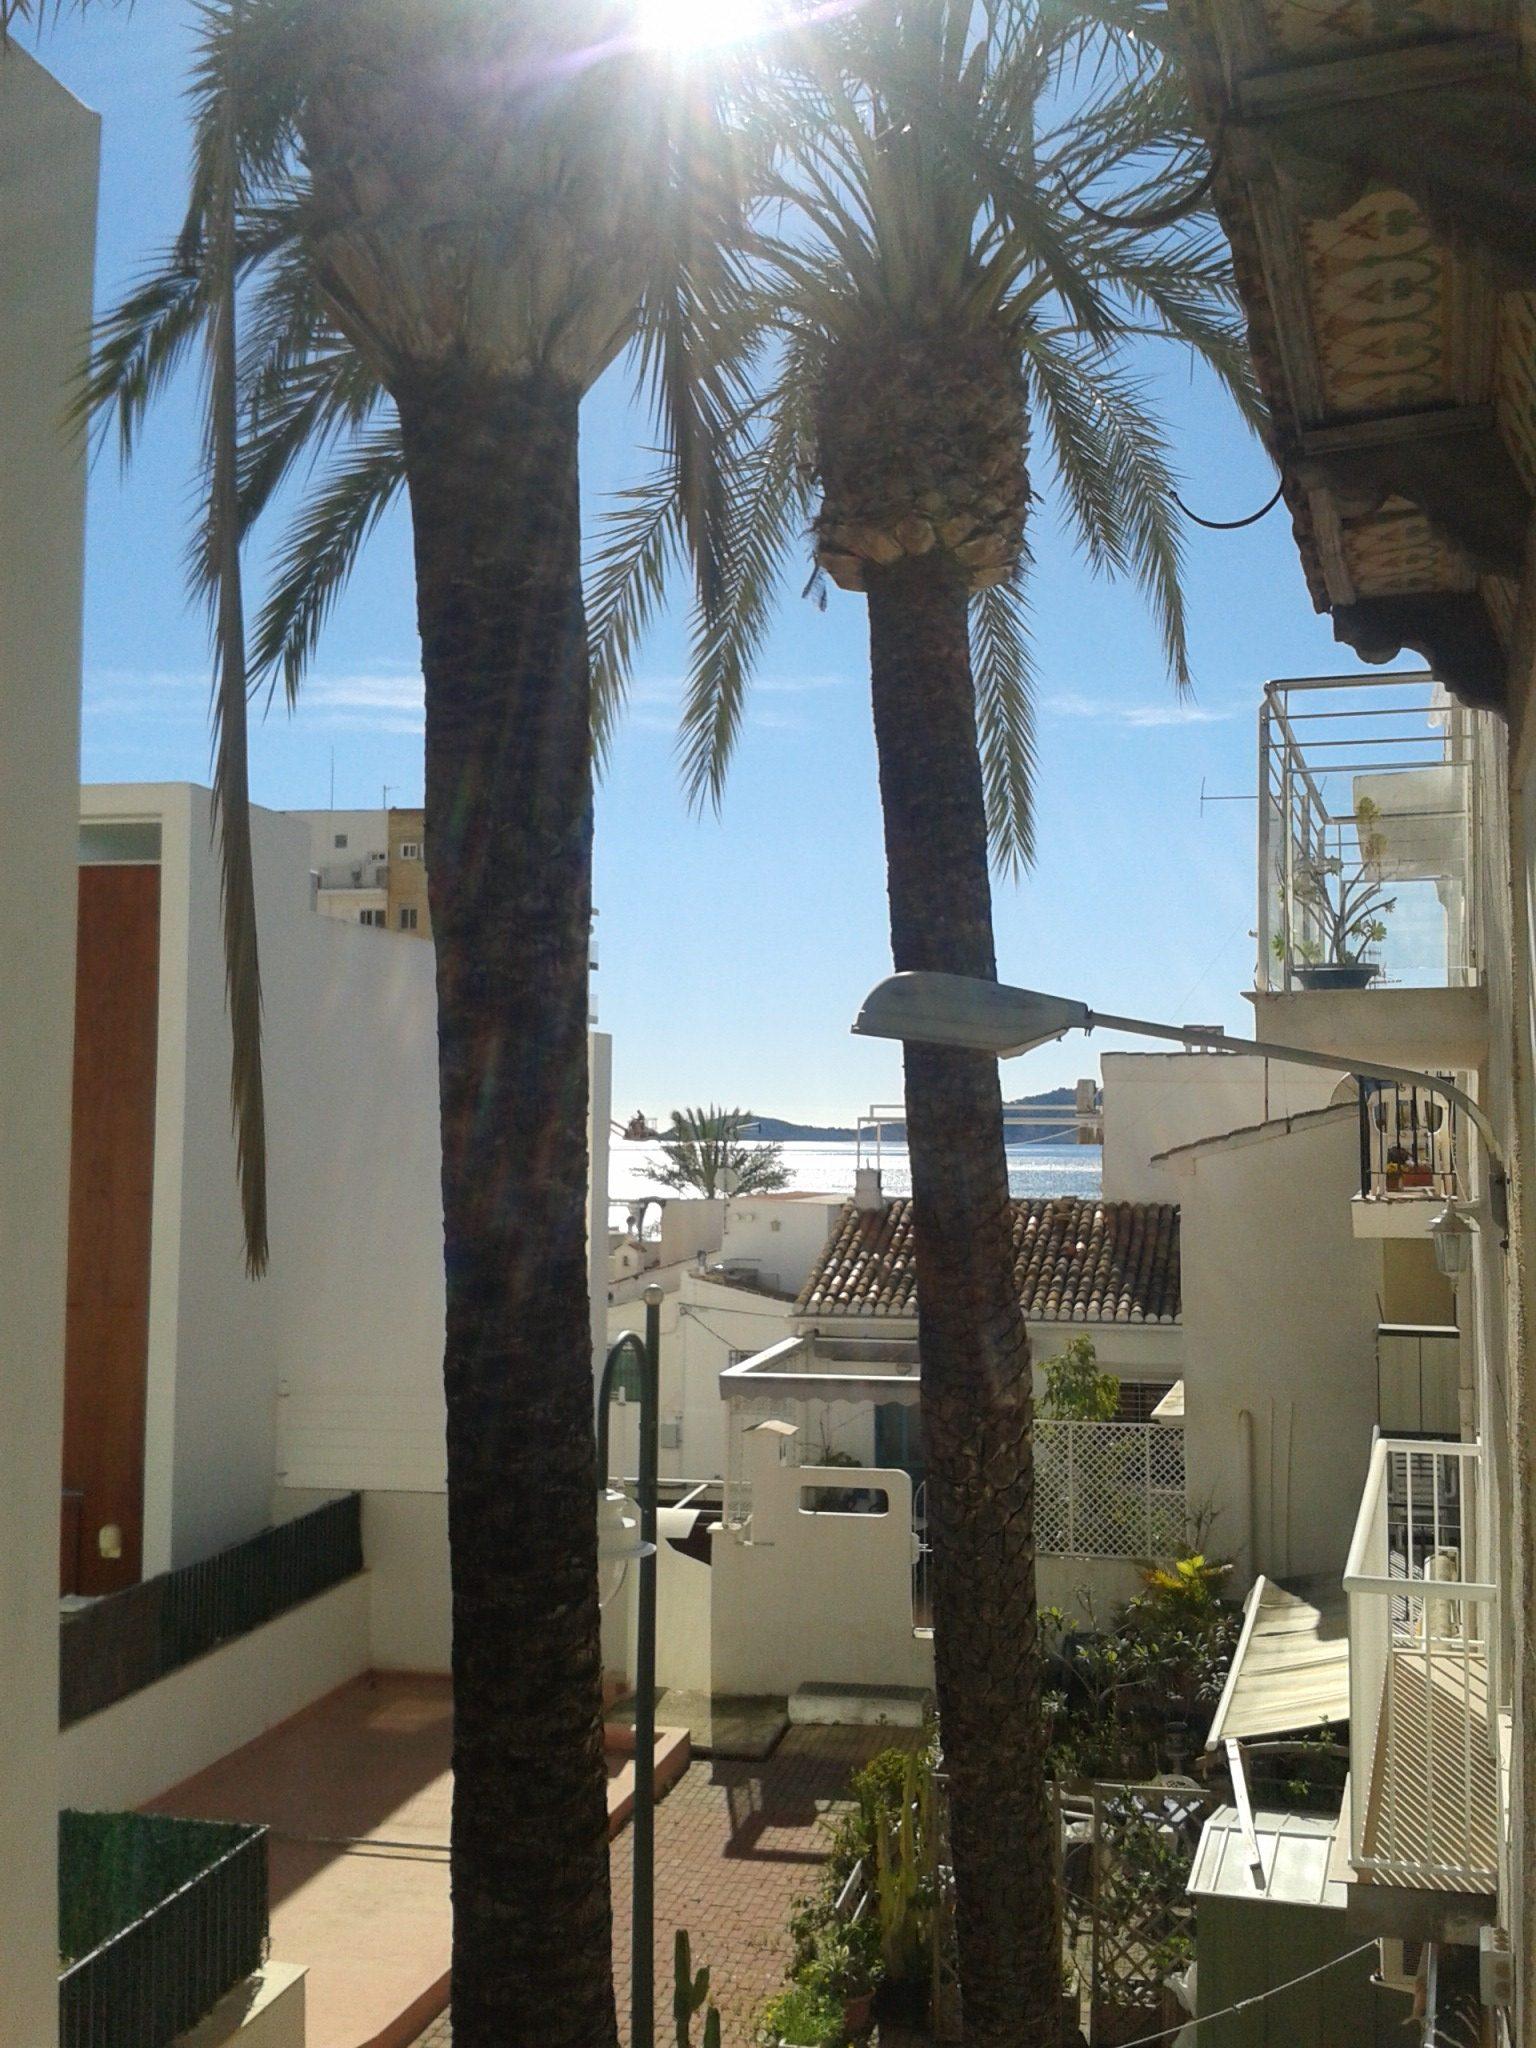 Vista a la mar i al carrer peatonal desde la finestra.albergxabiahostel.com